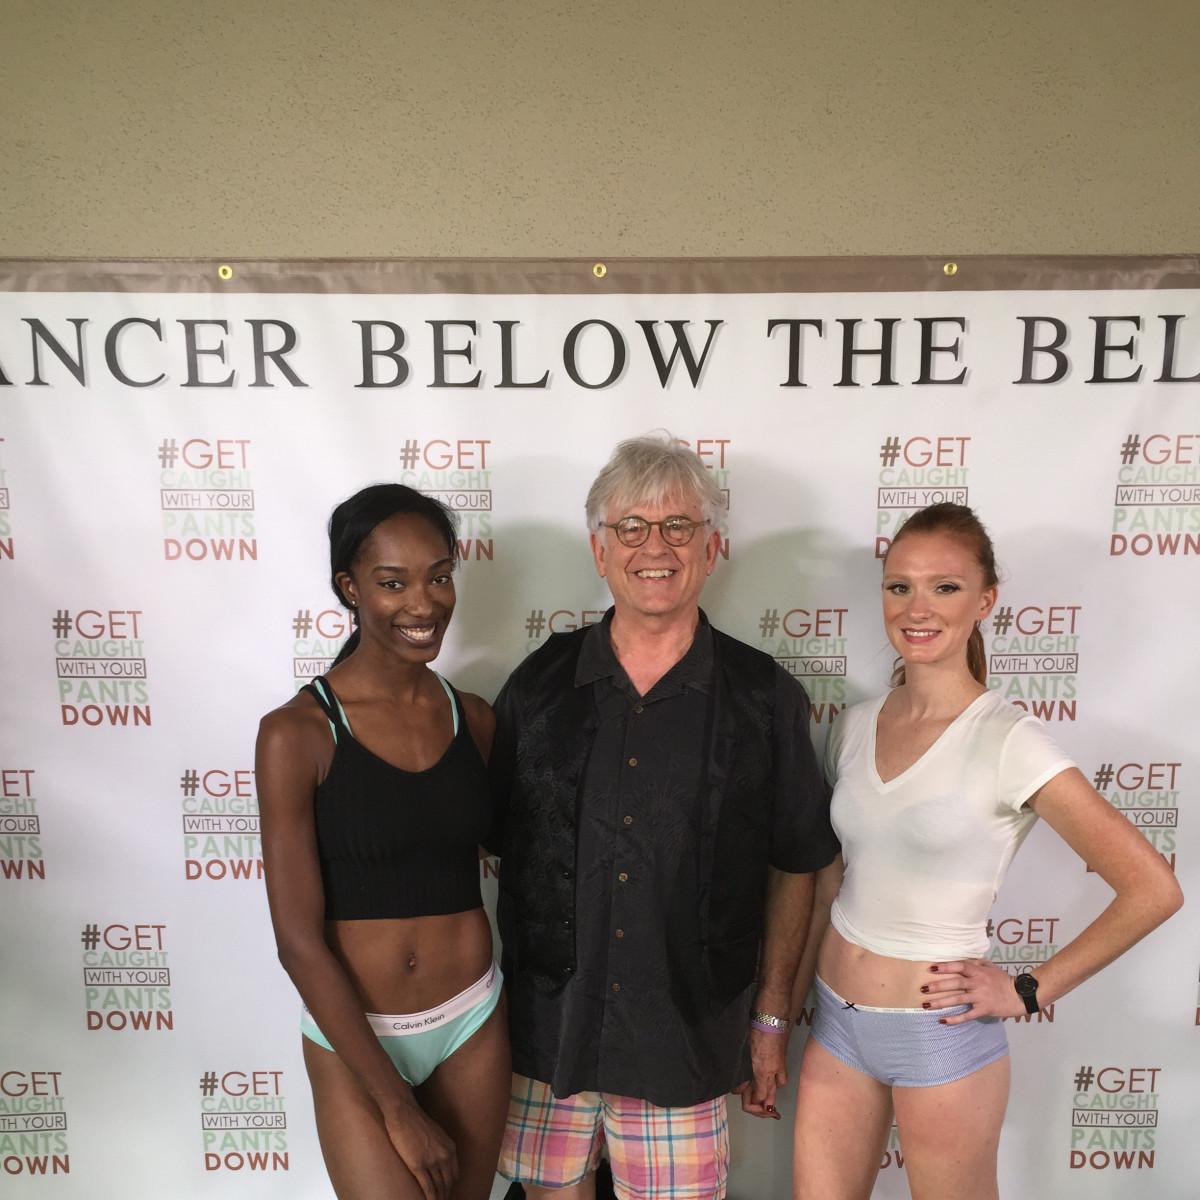 News, Shelby, Cancer Below the Belt, Sept. 2015, Courtney, Rich Lanier, Lauren